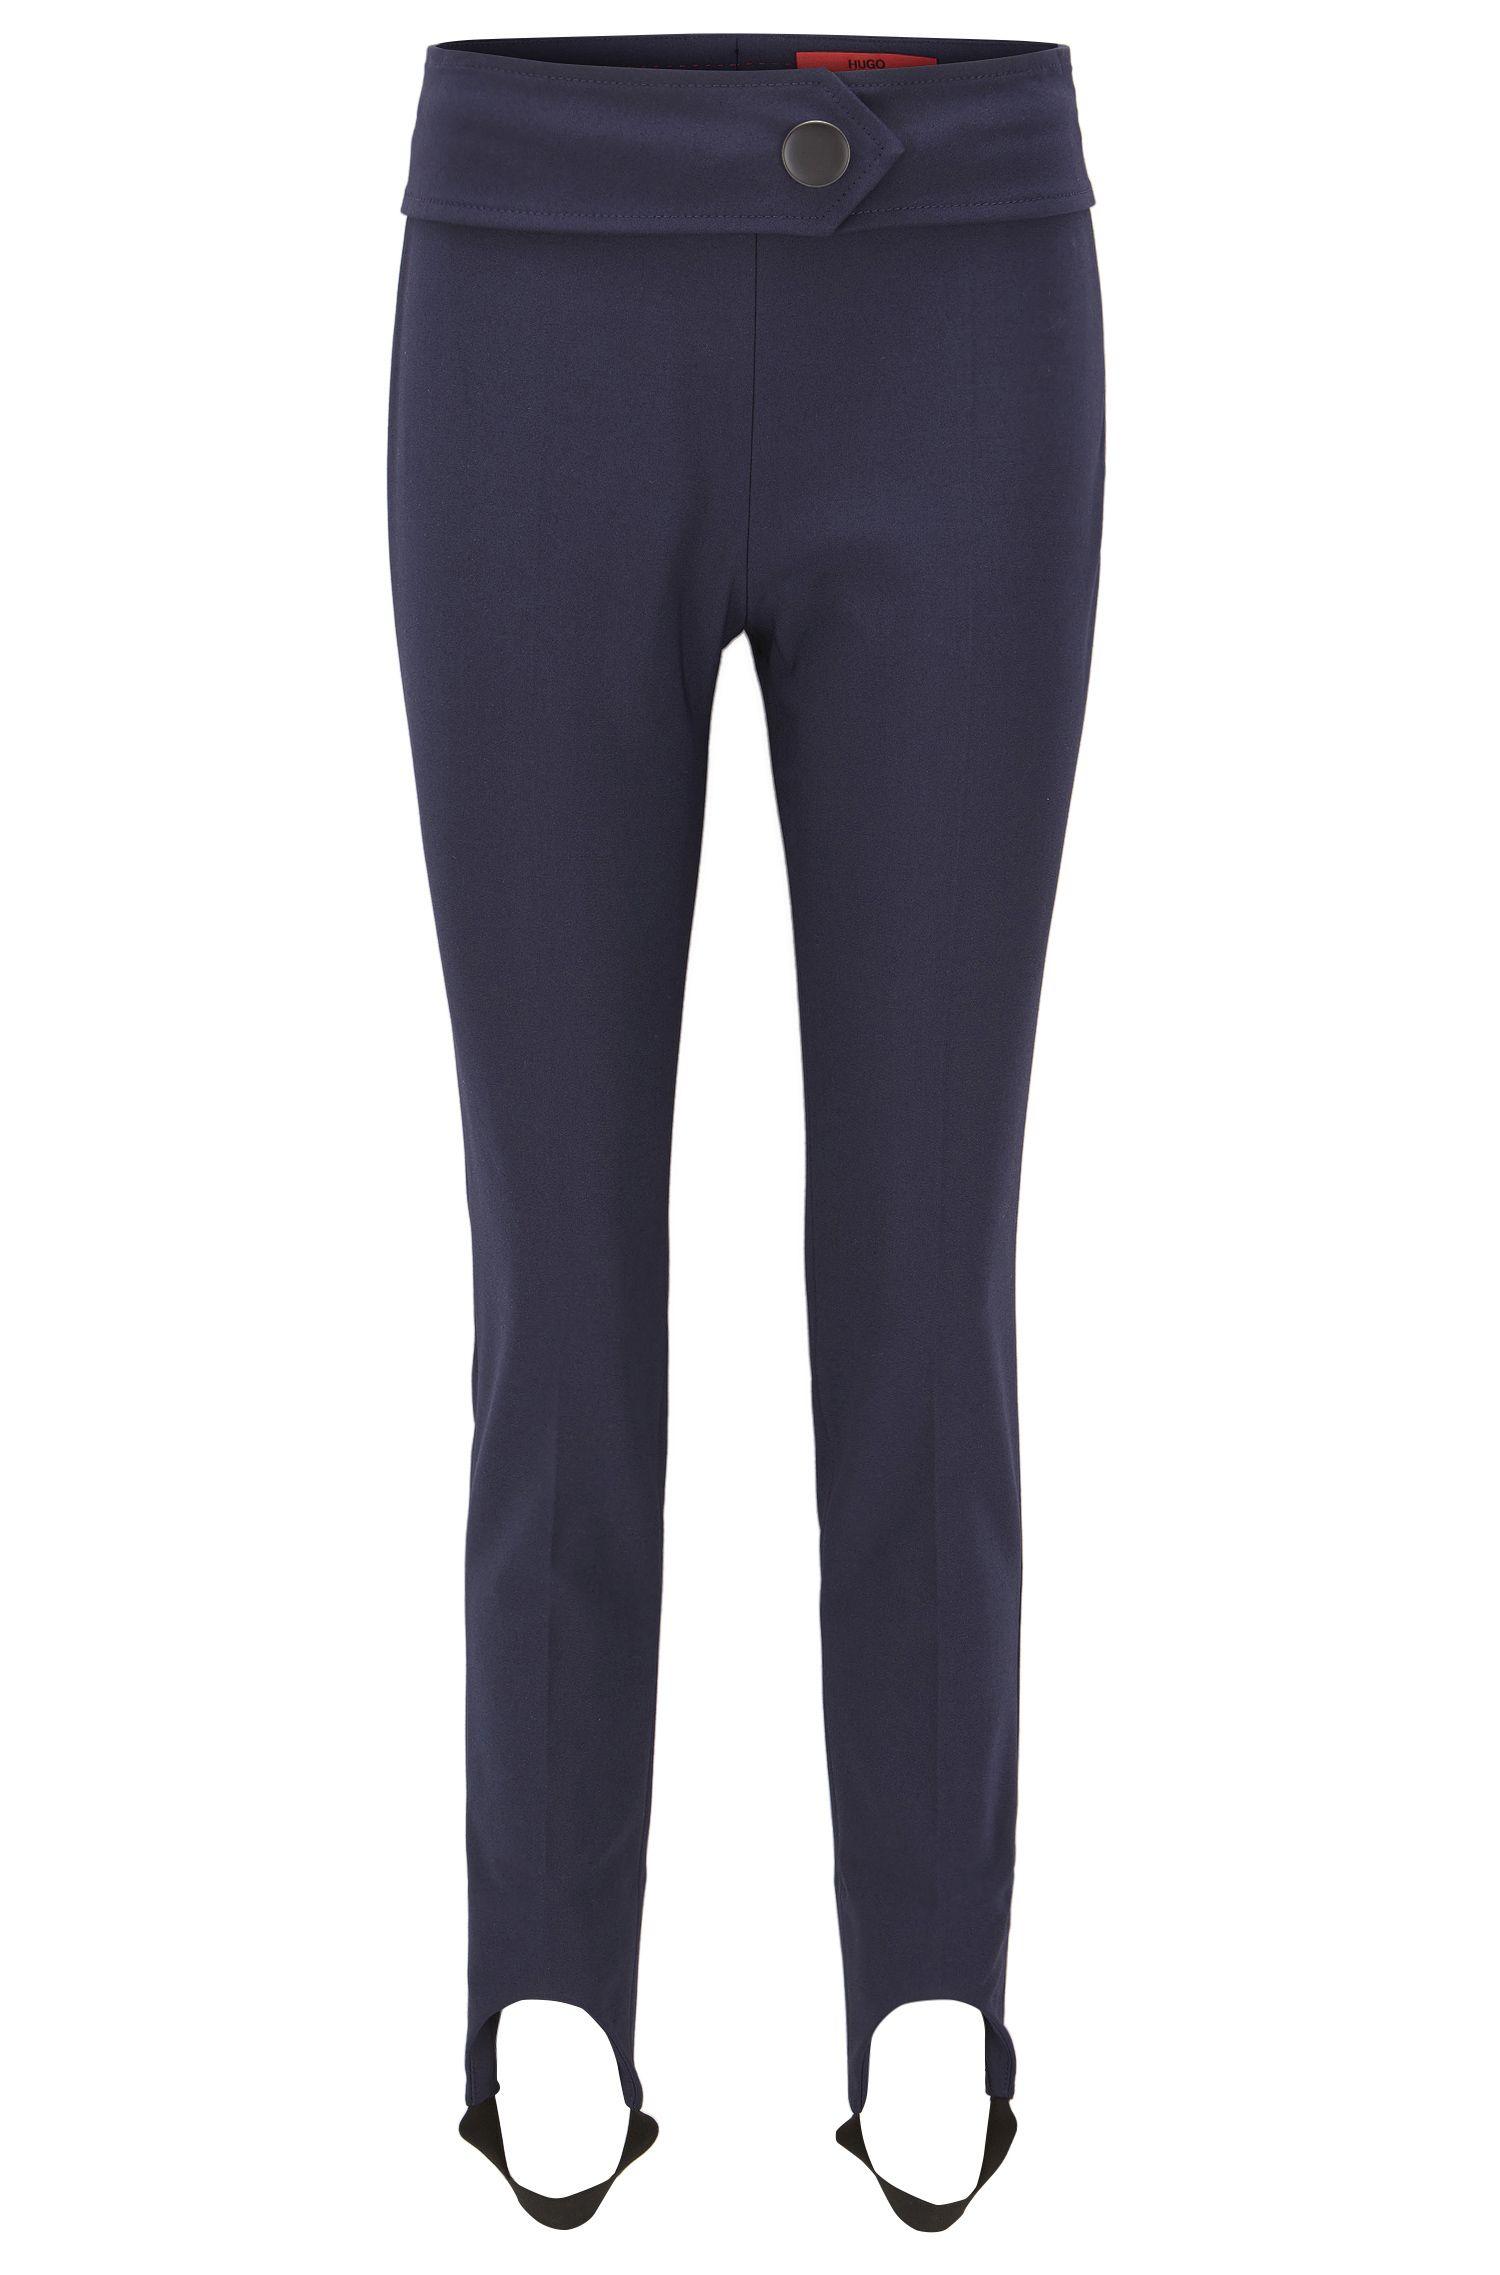 Skinny-fit broek met voetbandjes, van een katoenmix met stretch